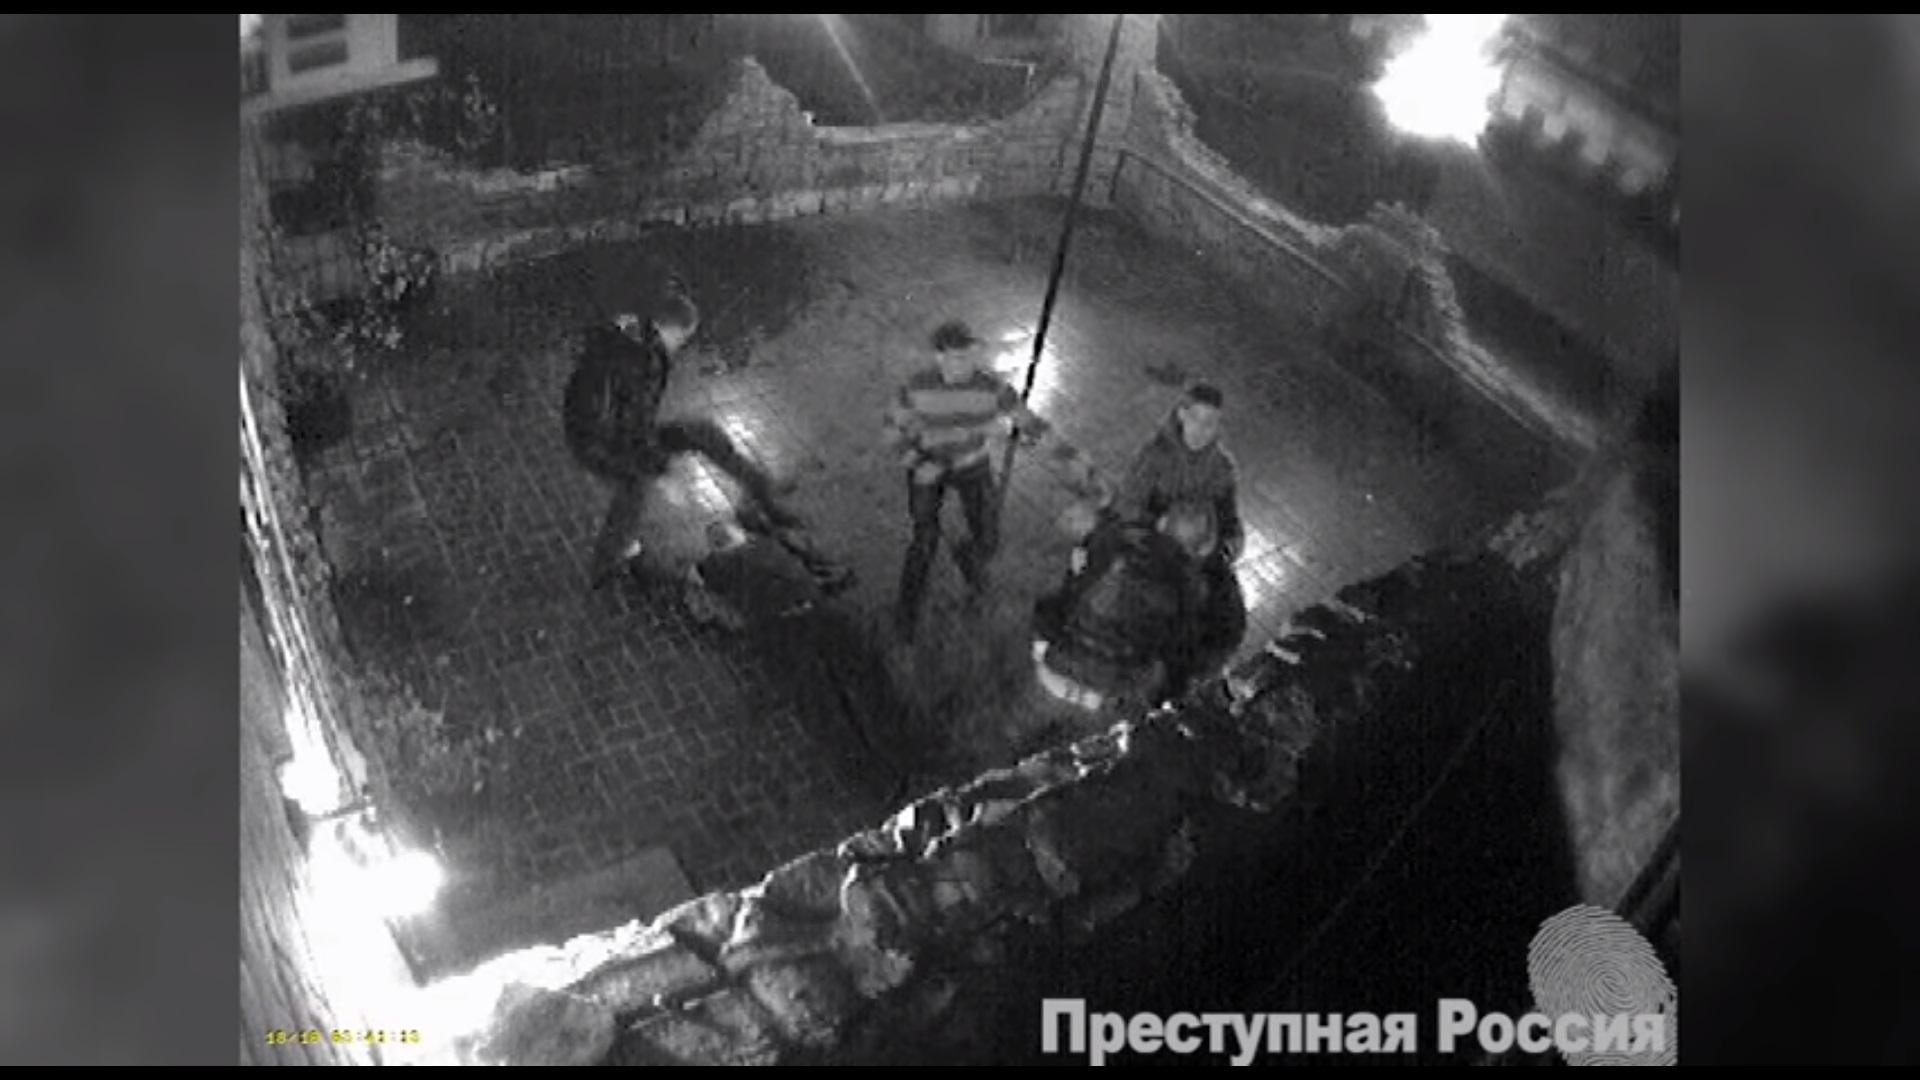 Появилось видео, якобы избиения Олега Царева с товарищем в Москве